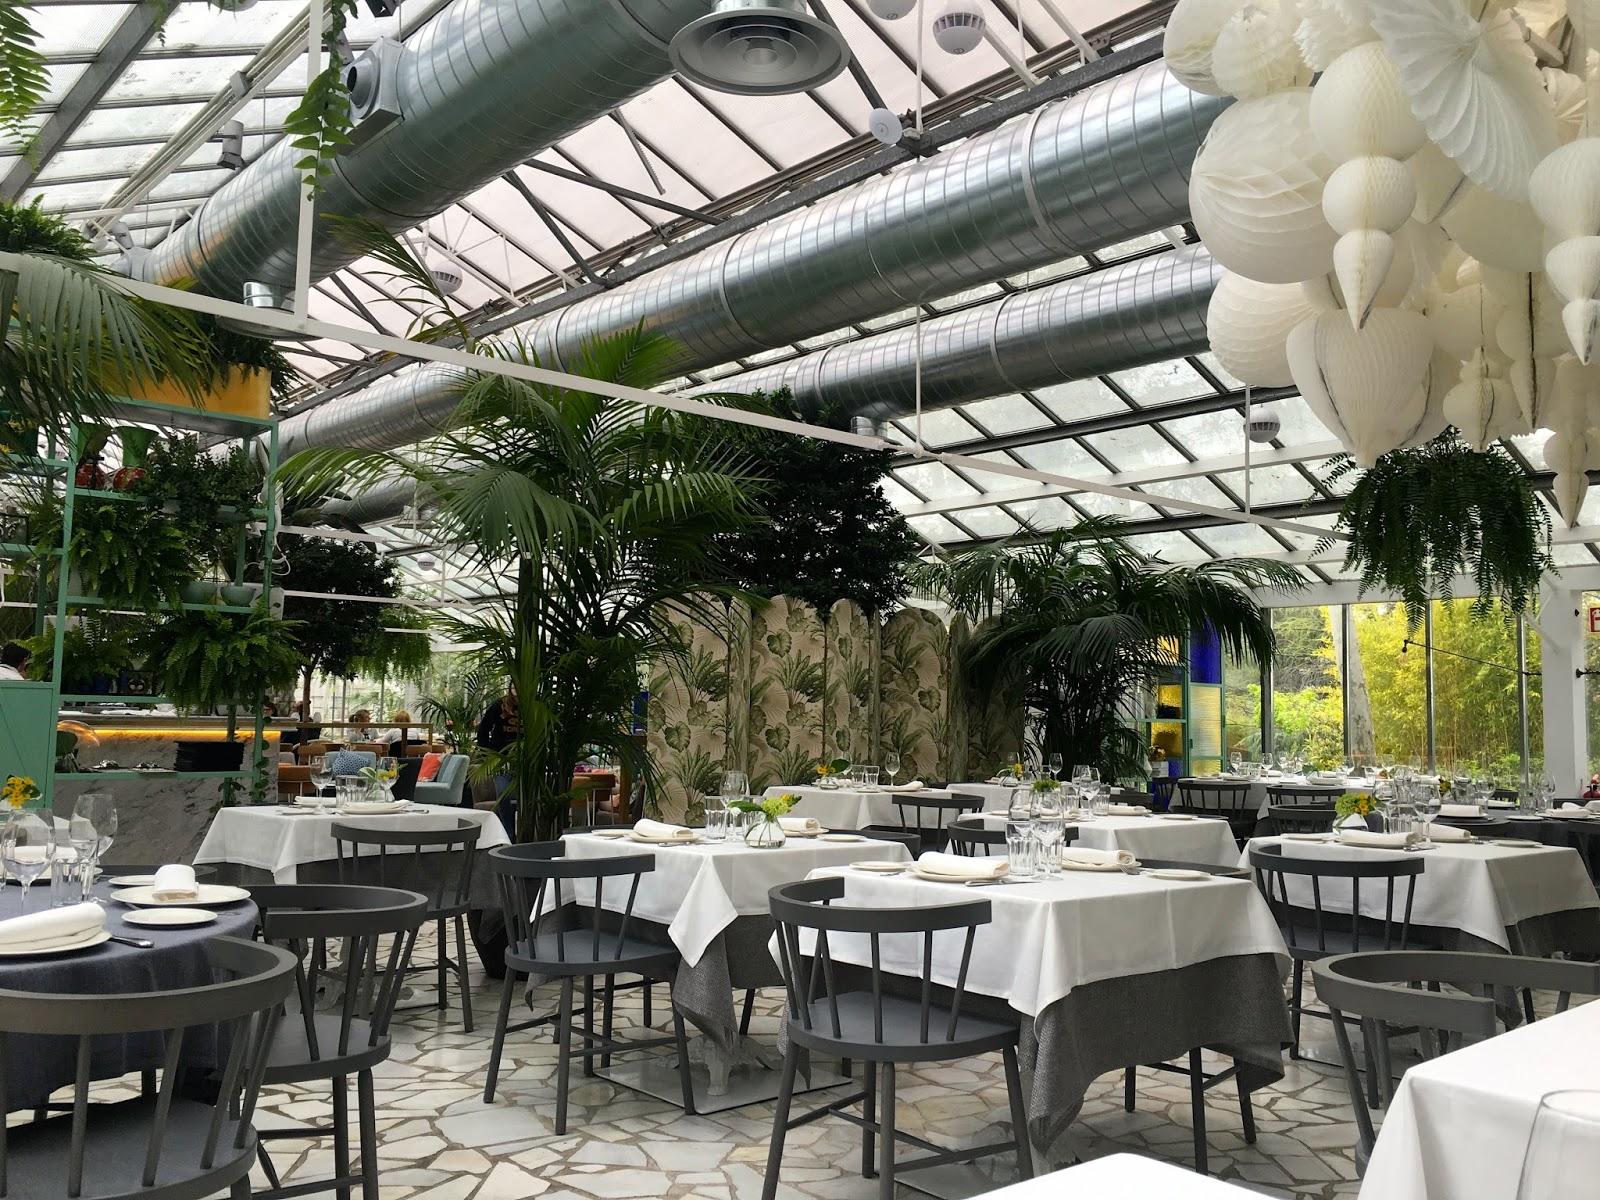 Primero segundo y postre d nde comes hoy los mejores for Centro de jardineria